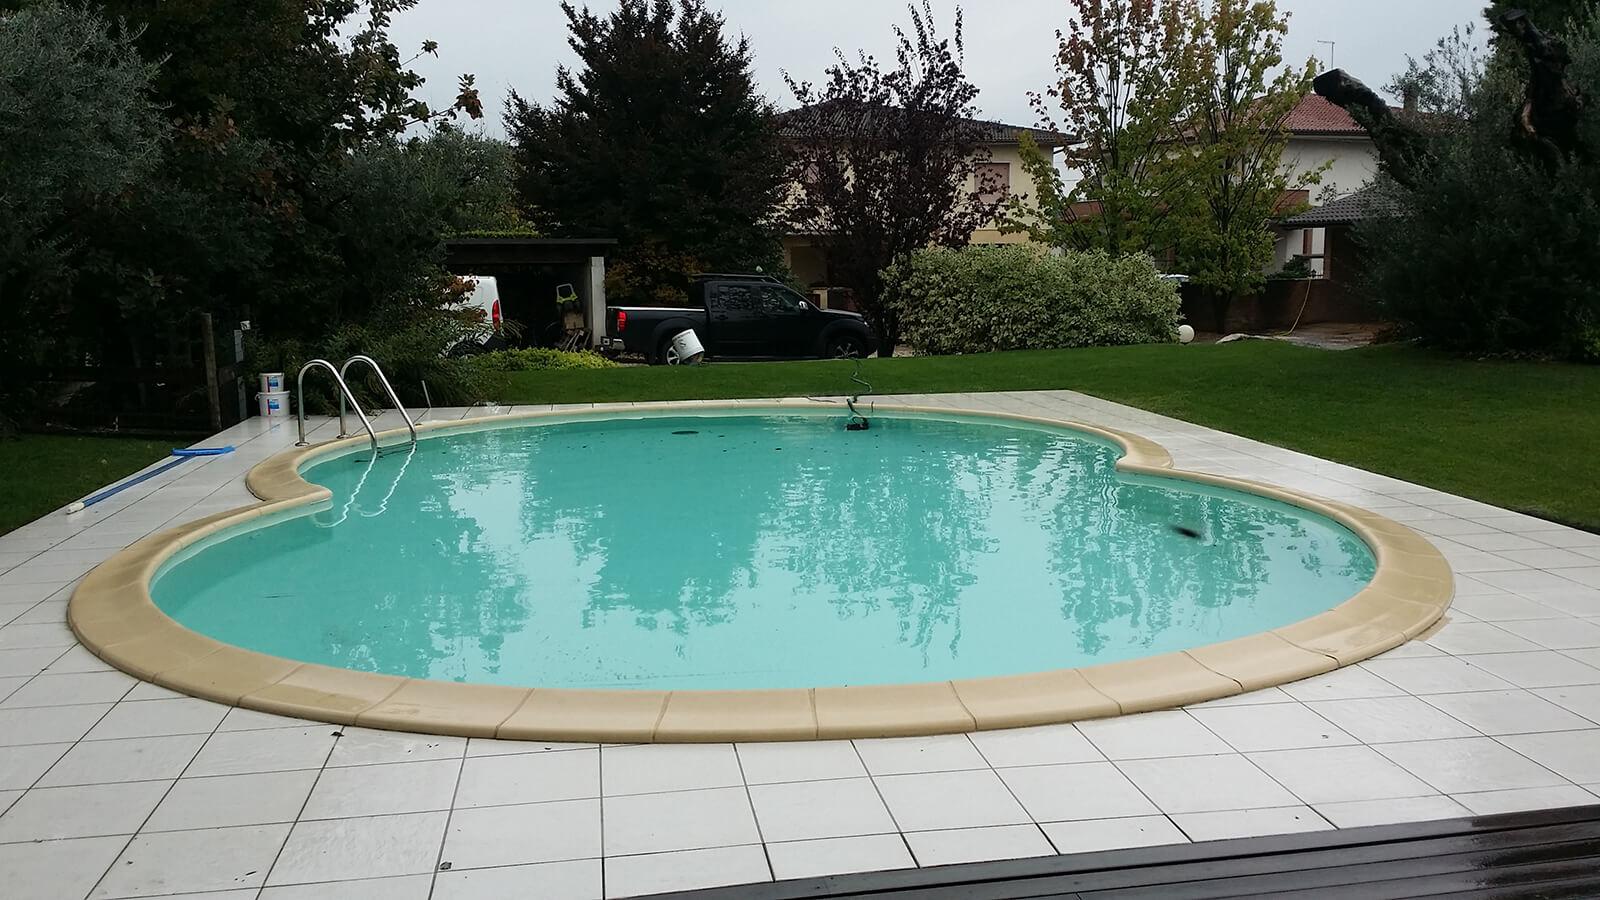 progettazione realizzazione giardini sandrigo - verde blu giardini 12